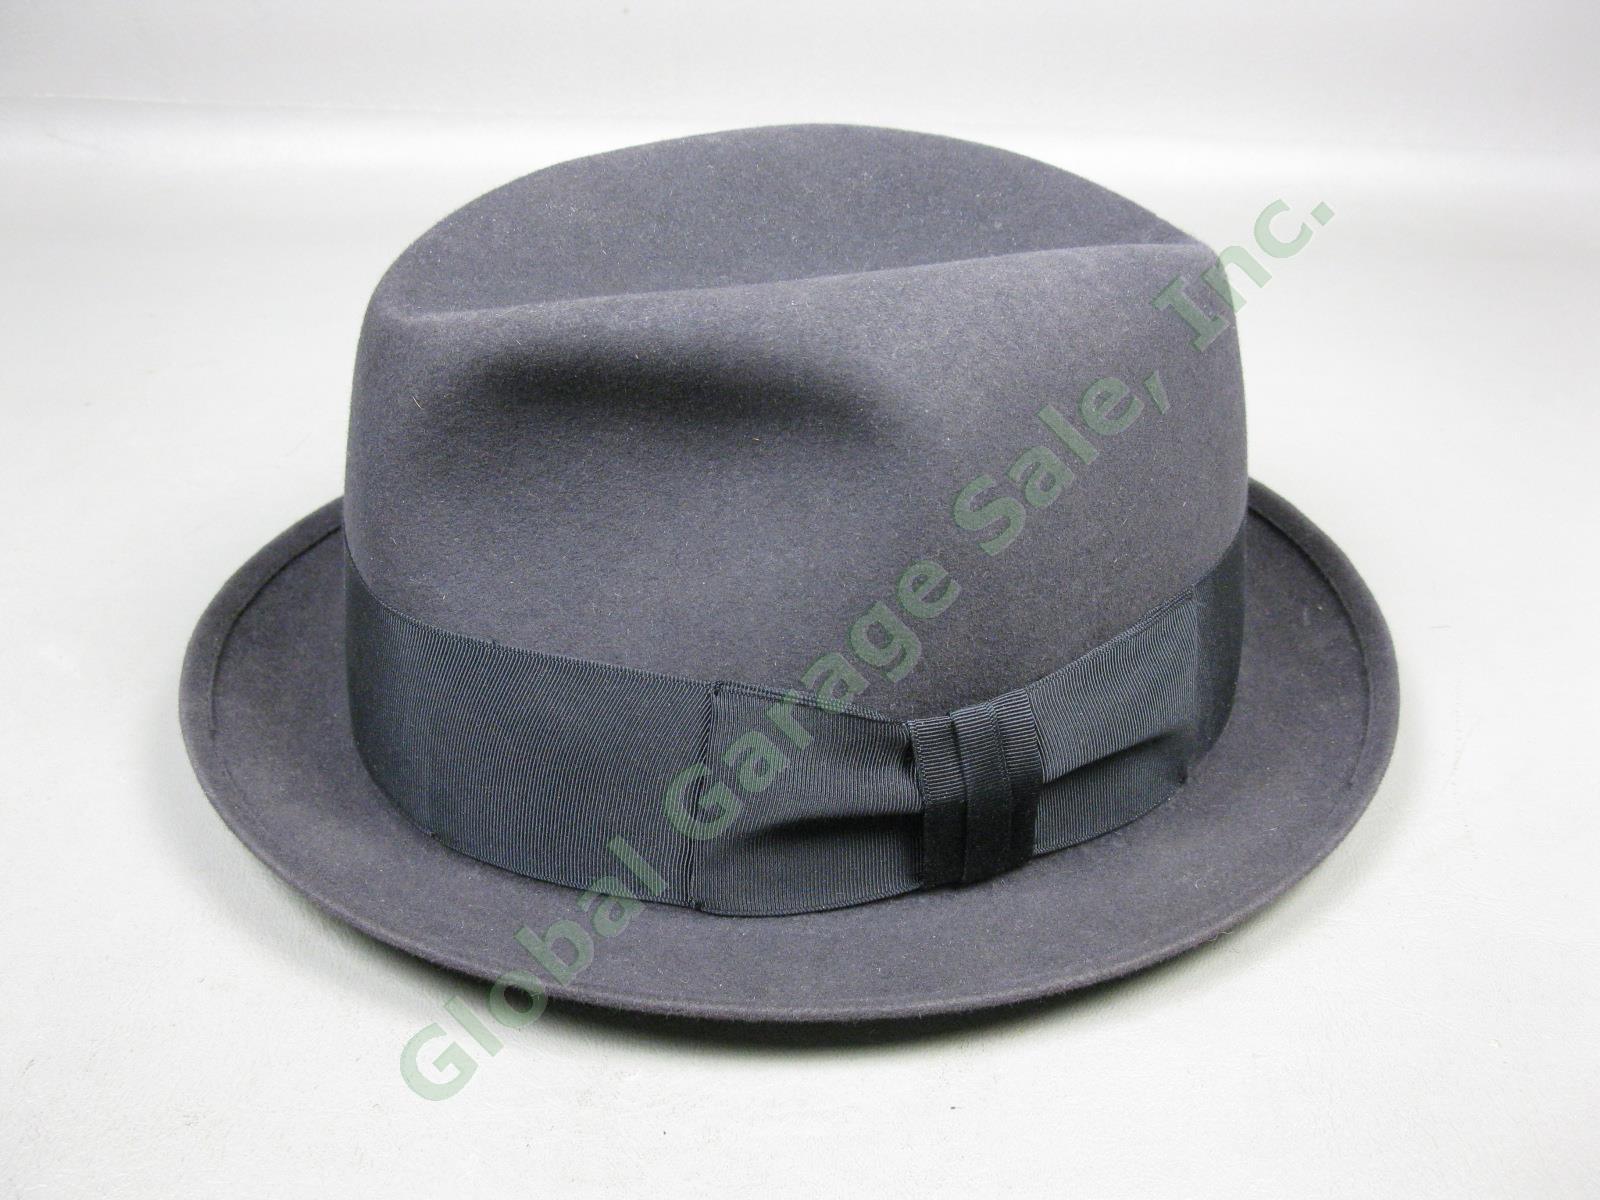 Detalles acerca de Para hombres De colección Royal Sombrero De Fieltro  Fedora John Stetson tamaño 7-1 2 oscura de color gris carbón- mostrar  título original f566441ee56